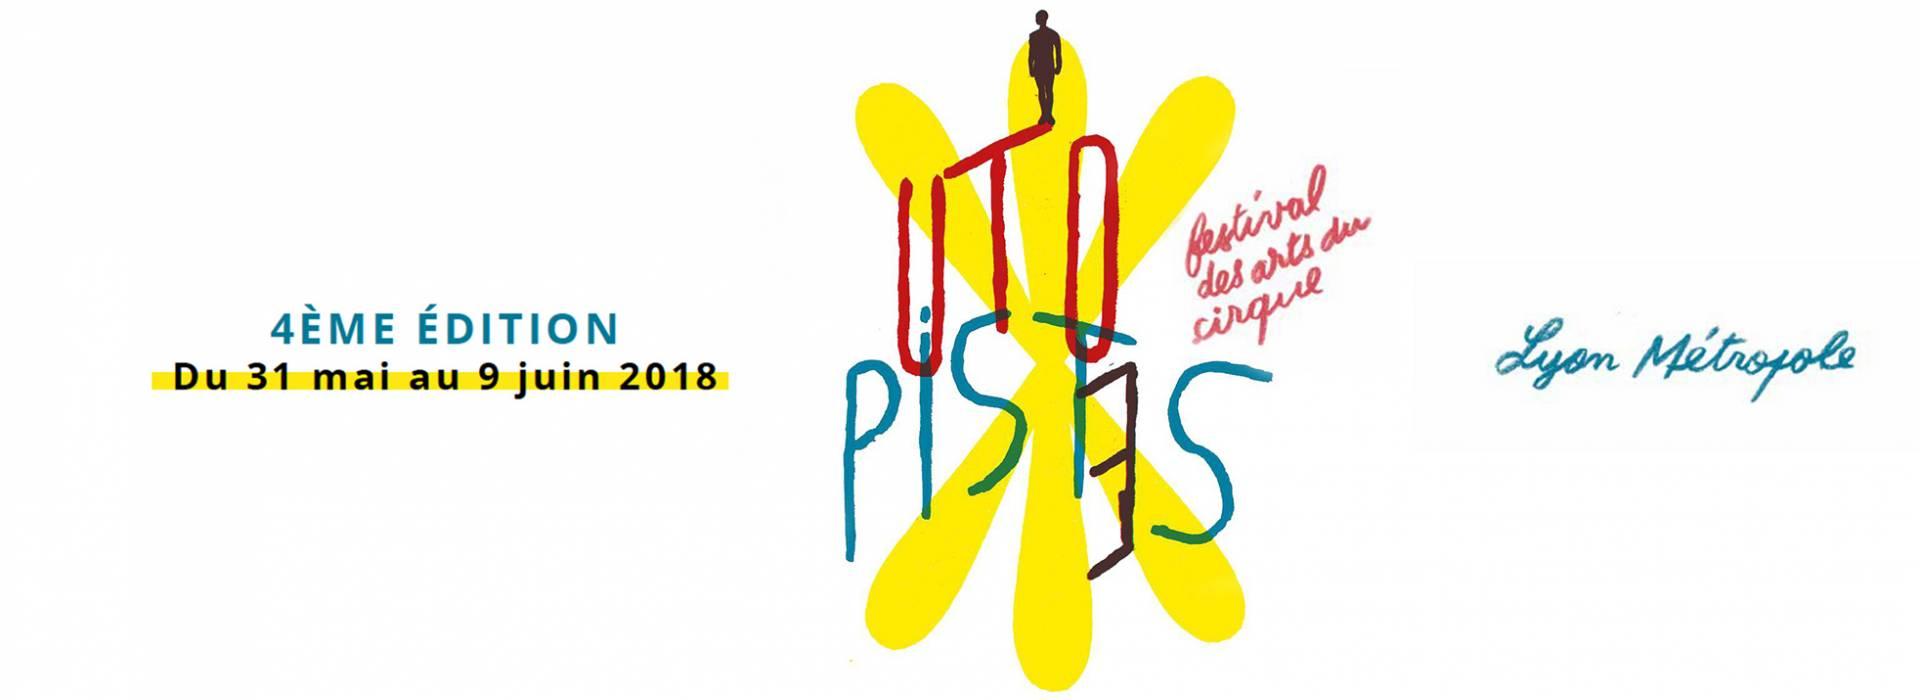 Utopistes Festival